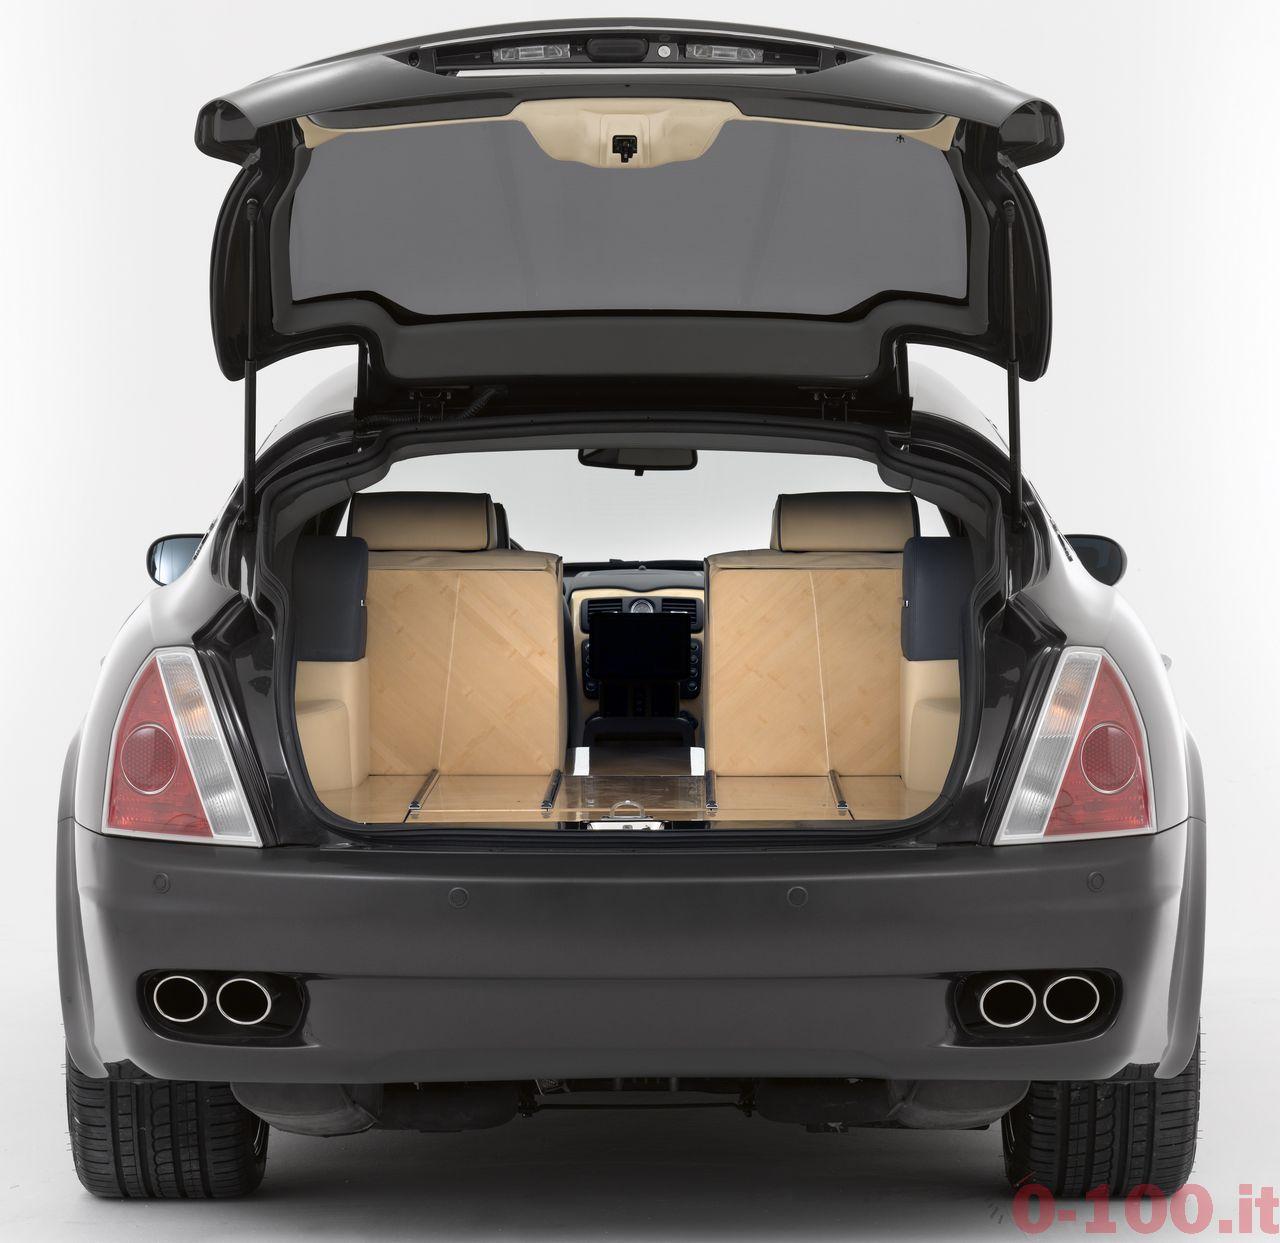 maserati-quattroporte-bellagio-fastback-carrozzeria-touring-0-100_7